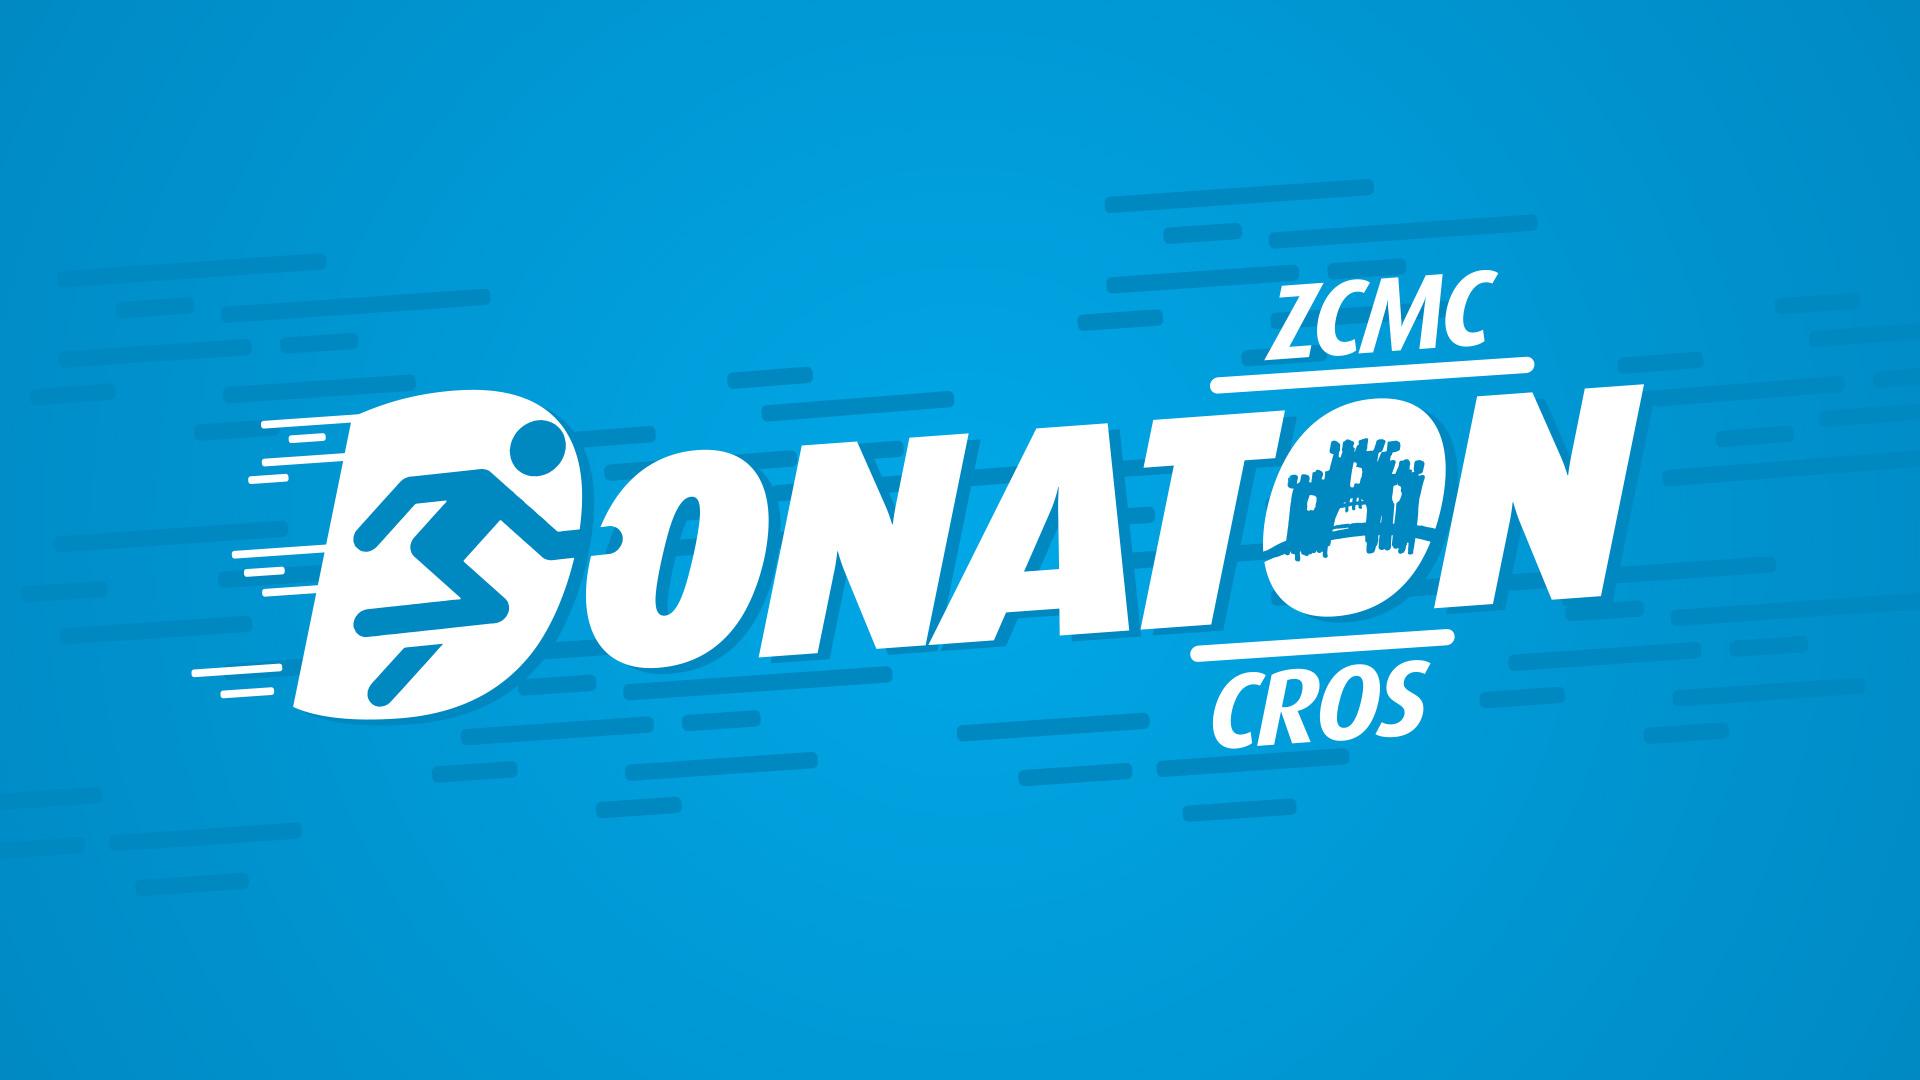 În cinstea ciobanului Donát, Zilele Culturale Maghiare dau startul primei ediţii a Crosului ZCMC DONATON